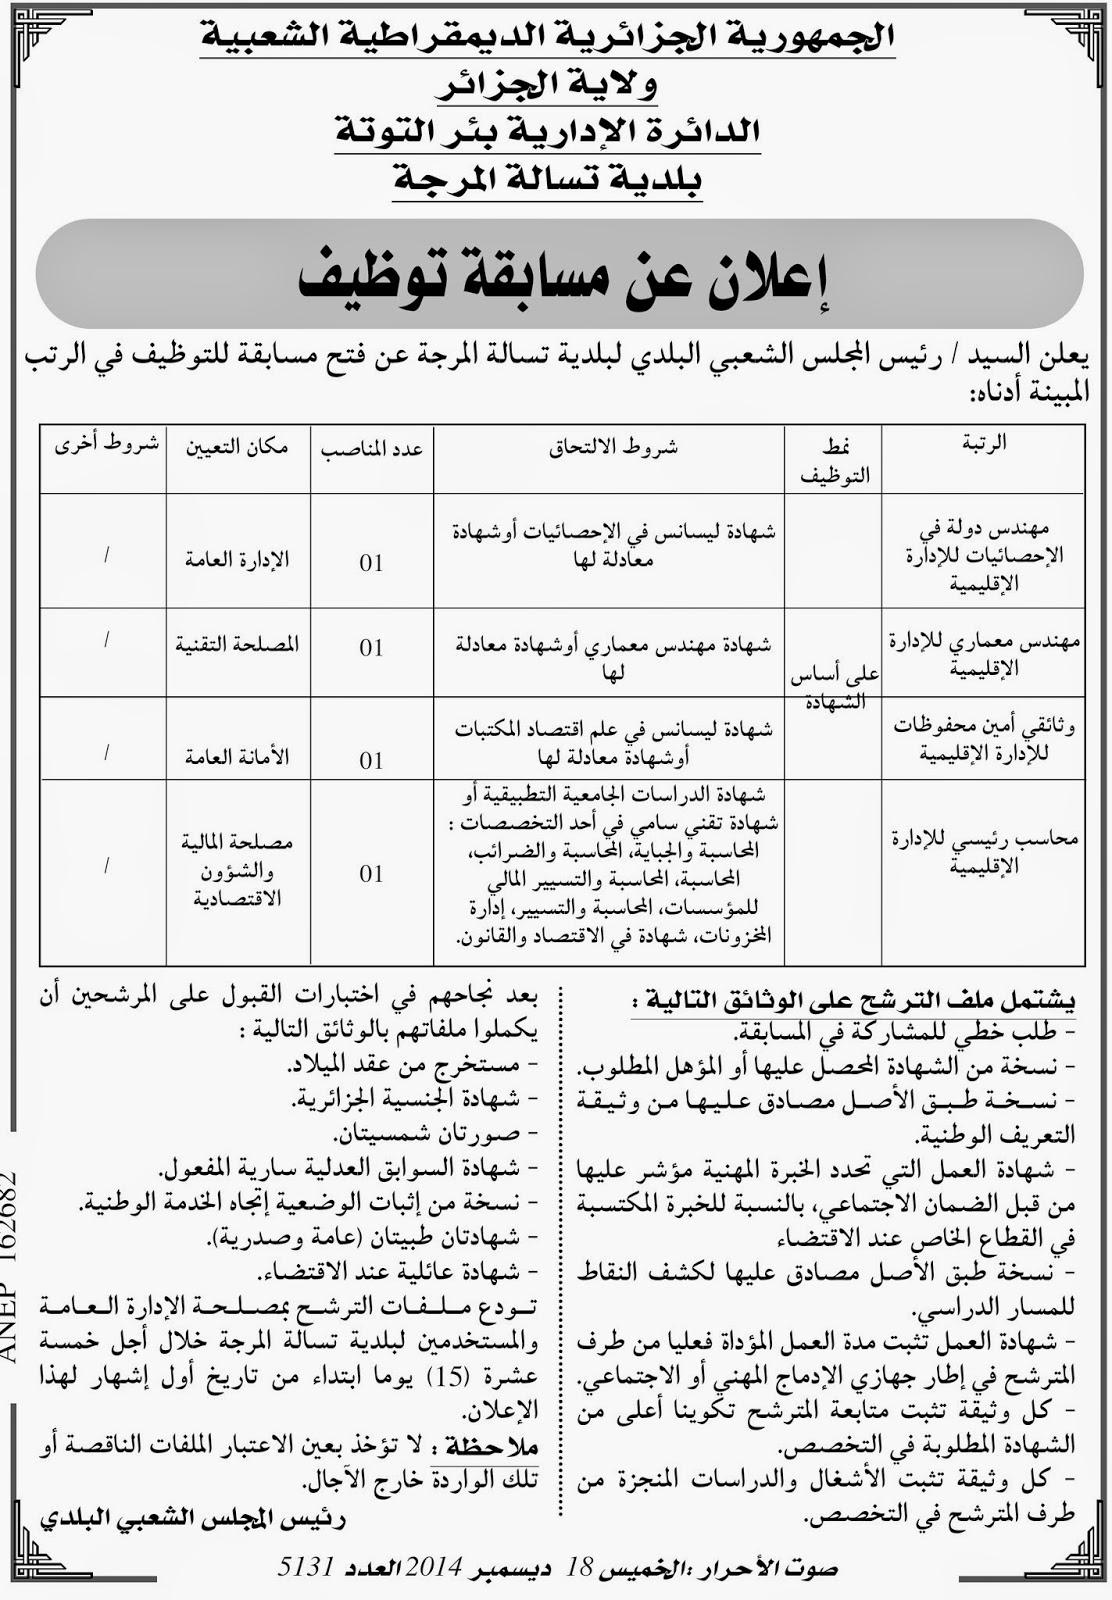 اعلان توظيف و عمل بلدية تسالة المرجة ولاية الجزائر ديسمبر 2014